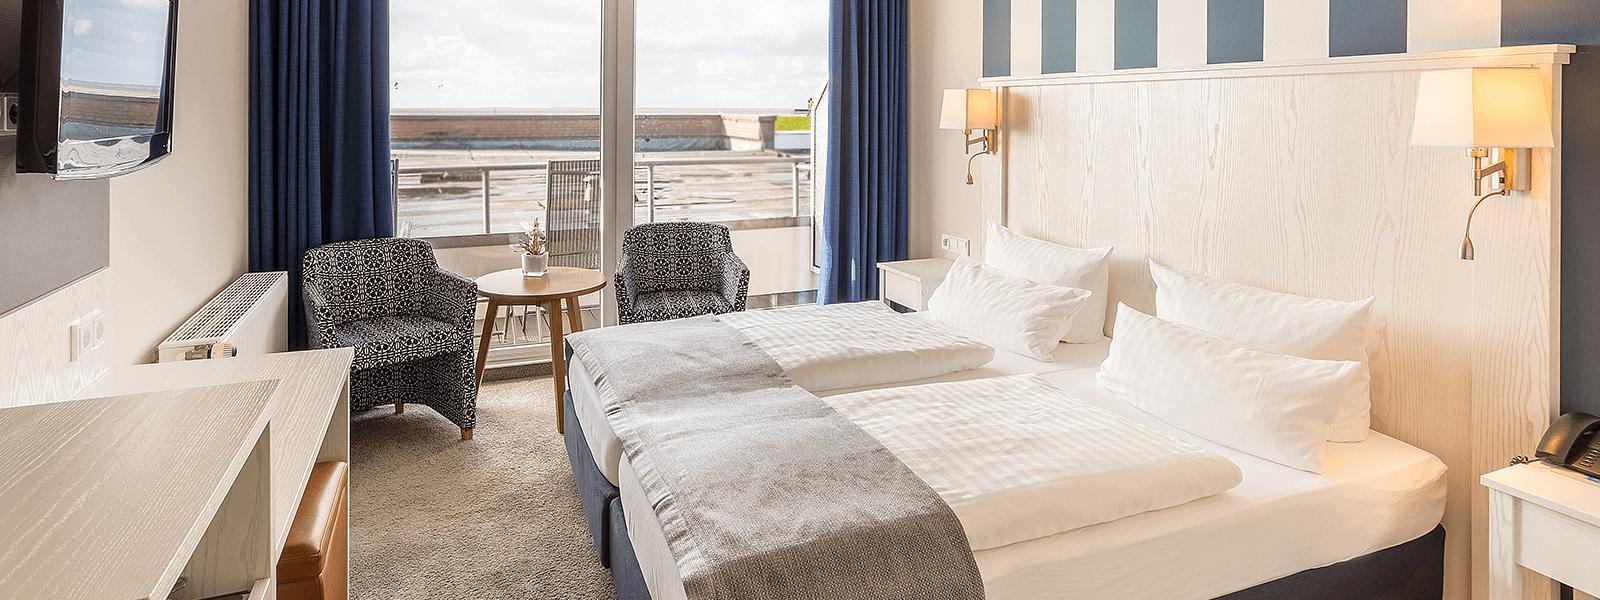 Doppelzimmer mit Meerblick Hotel Regina Maris, Hotel Regina Maris, Norden-Norddeich, Nordsee, Ostfriesland, Urlaub zu Zweit, Nordseeurlaub, Urlaub am Meer,